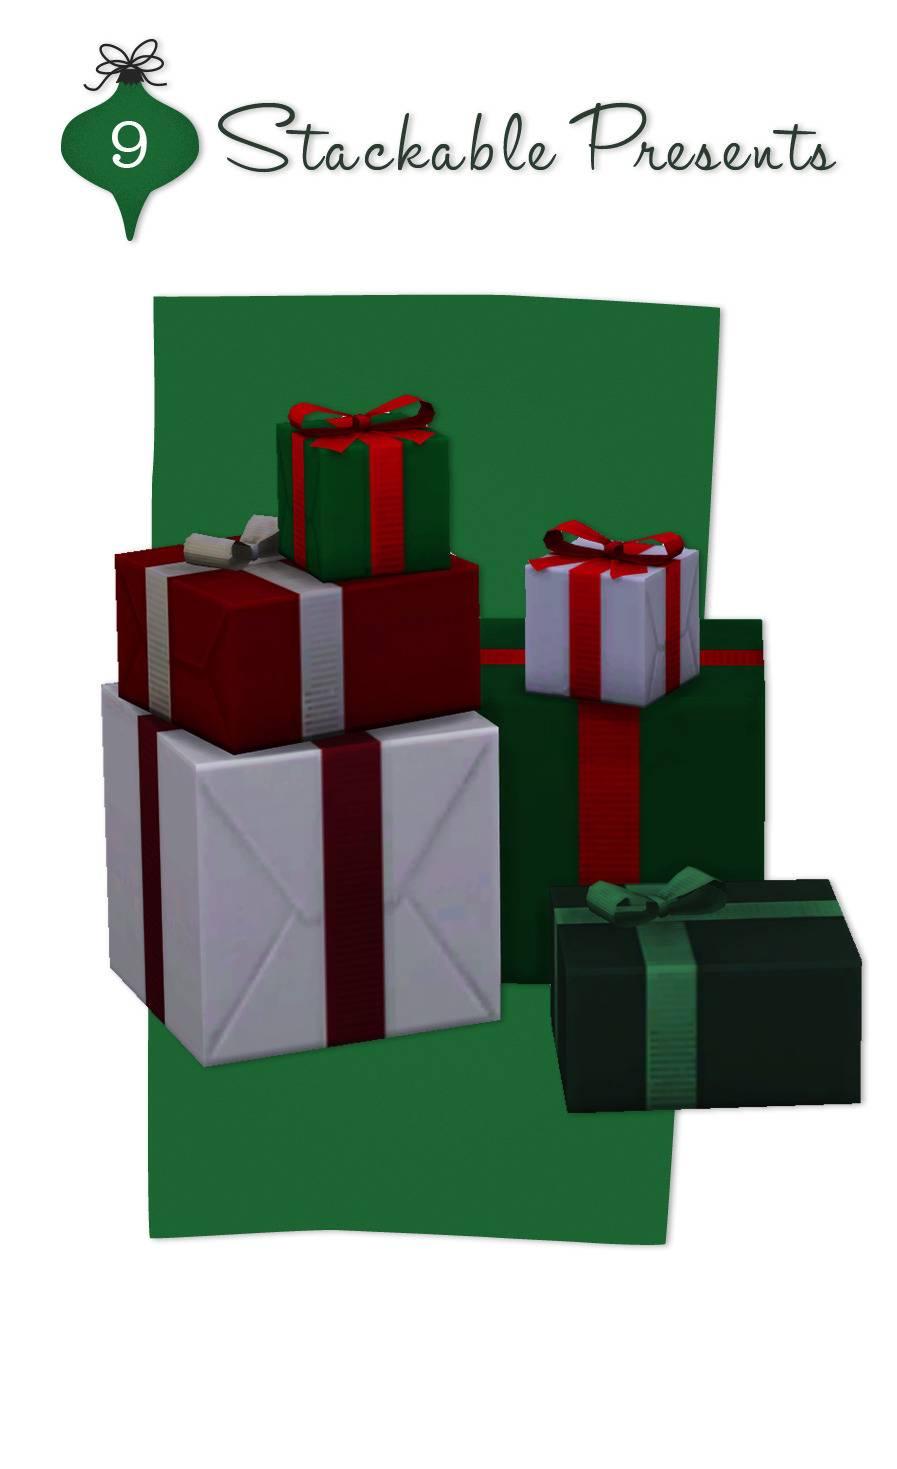 Подарочные коробки - Stackable Presents